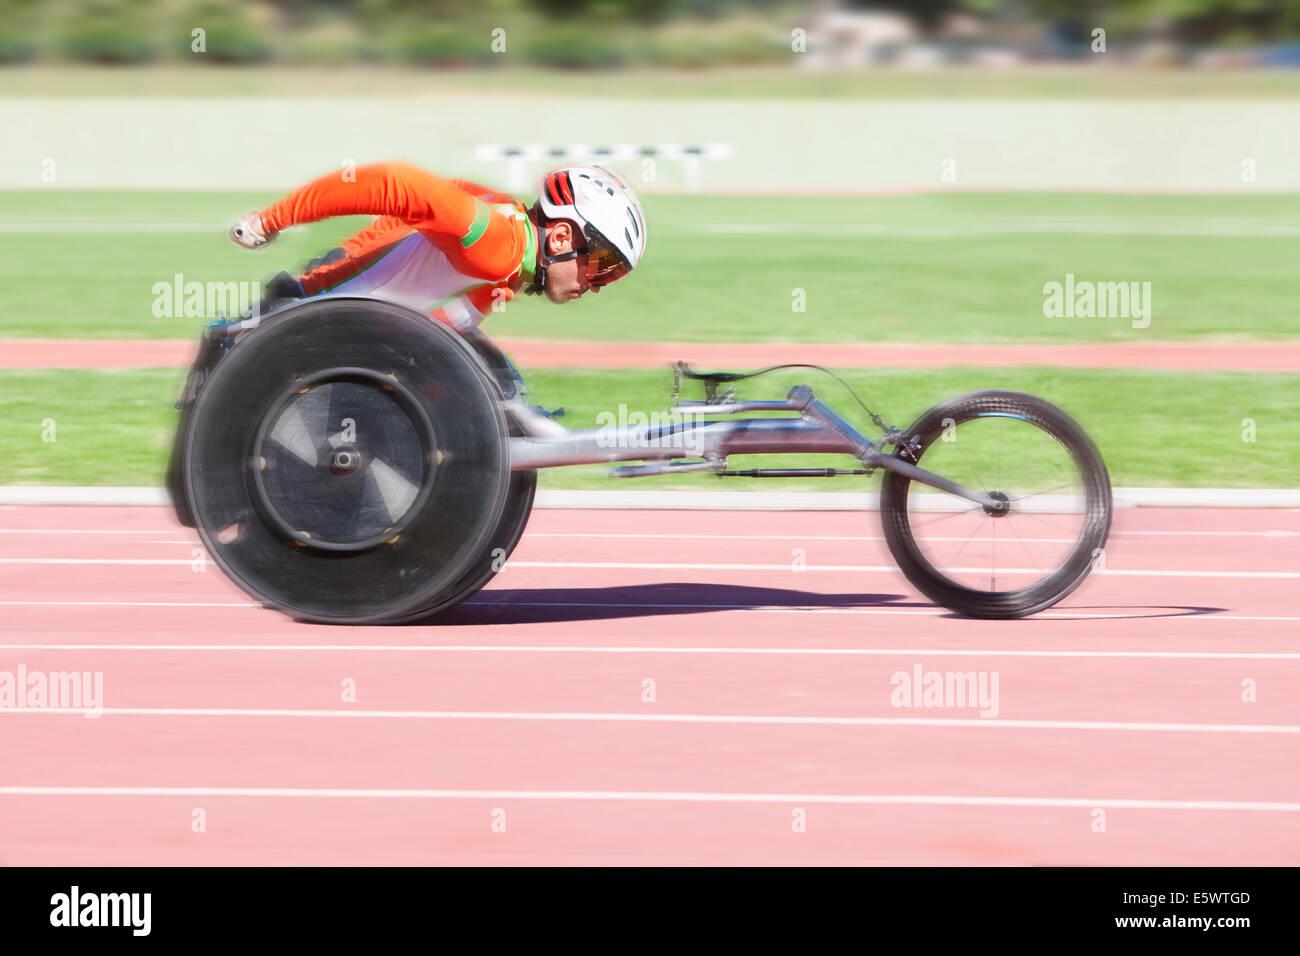 Atleta en Pará-competición deportiva Imagen De Stock